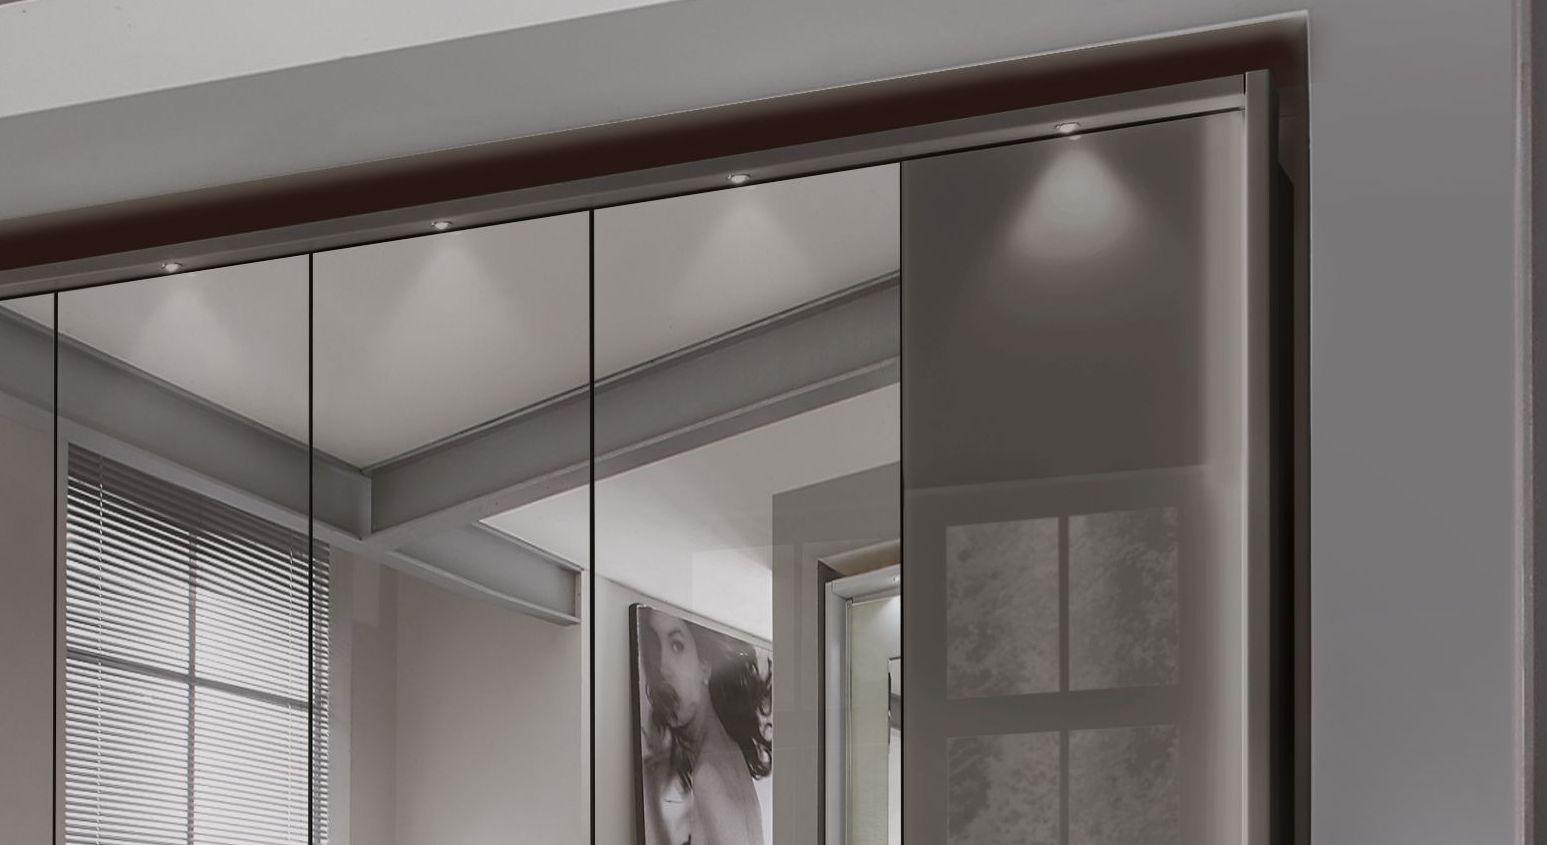 Spiegel-Funktions-Kleiderschrank Southville mit praktischen Spiegeltüren